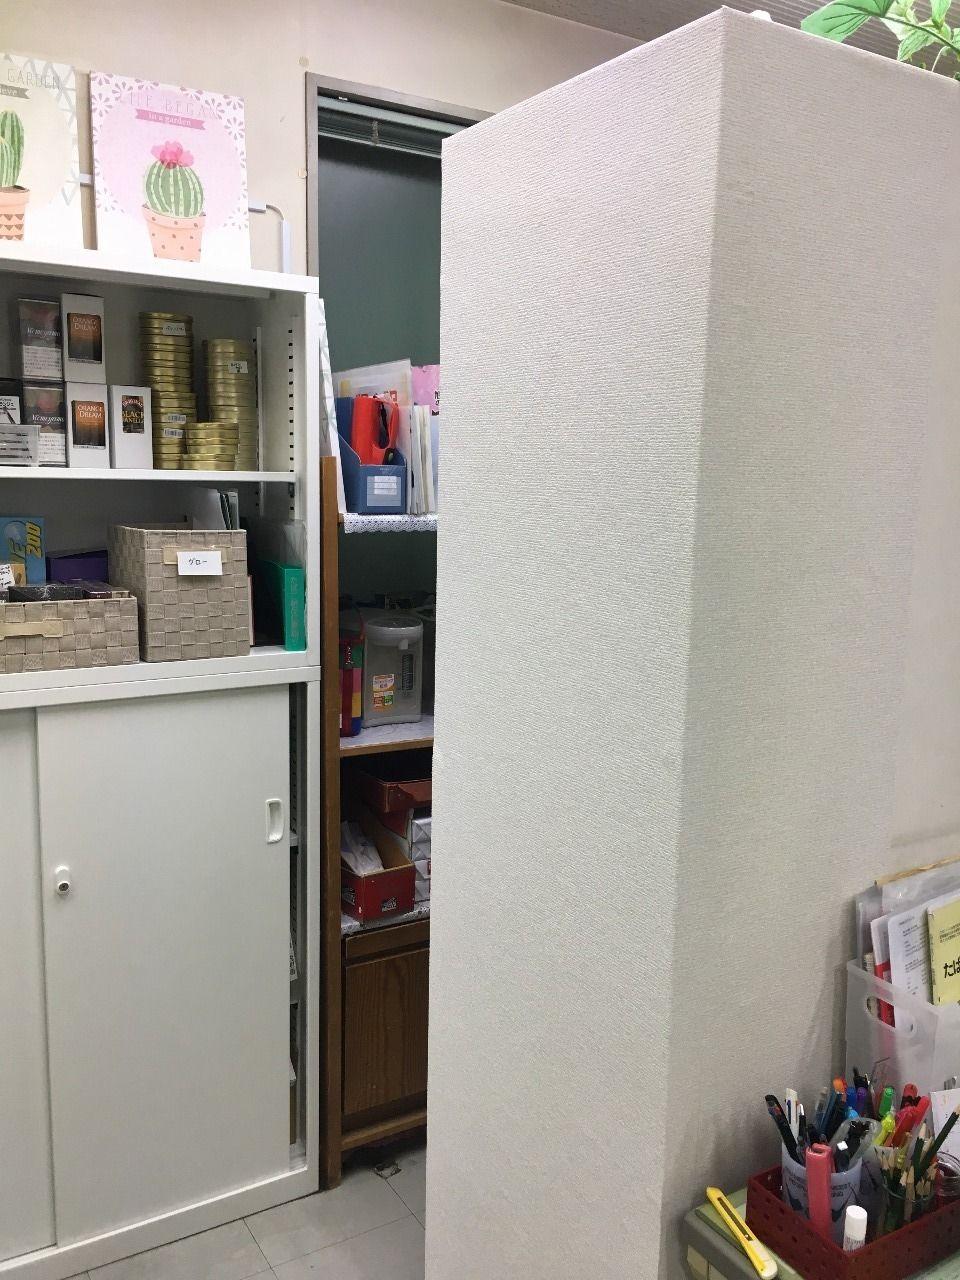 ア・ス・ヴェルデ管理事務所内の壁紙補修完了です!!